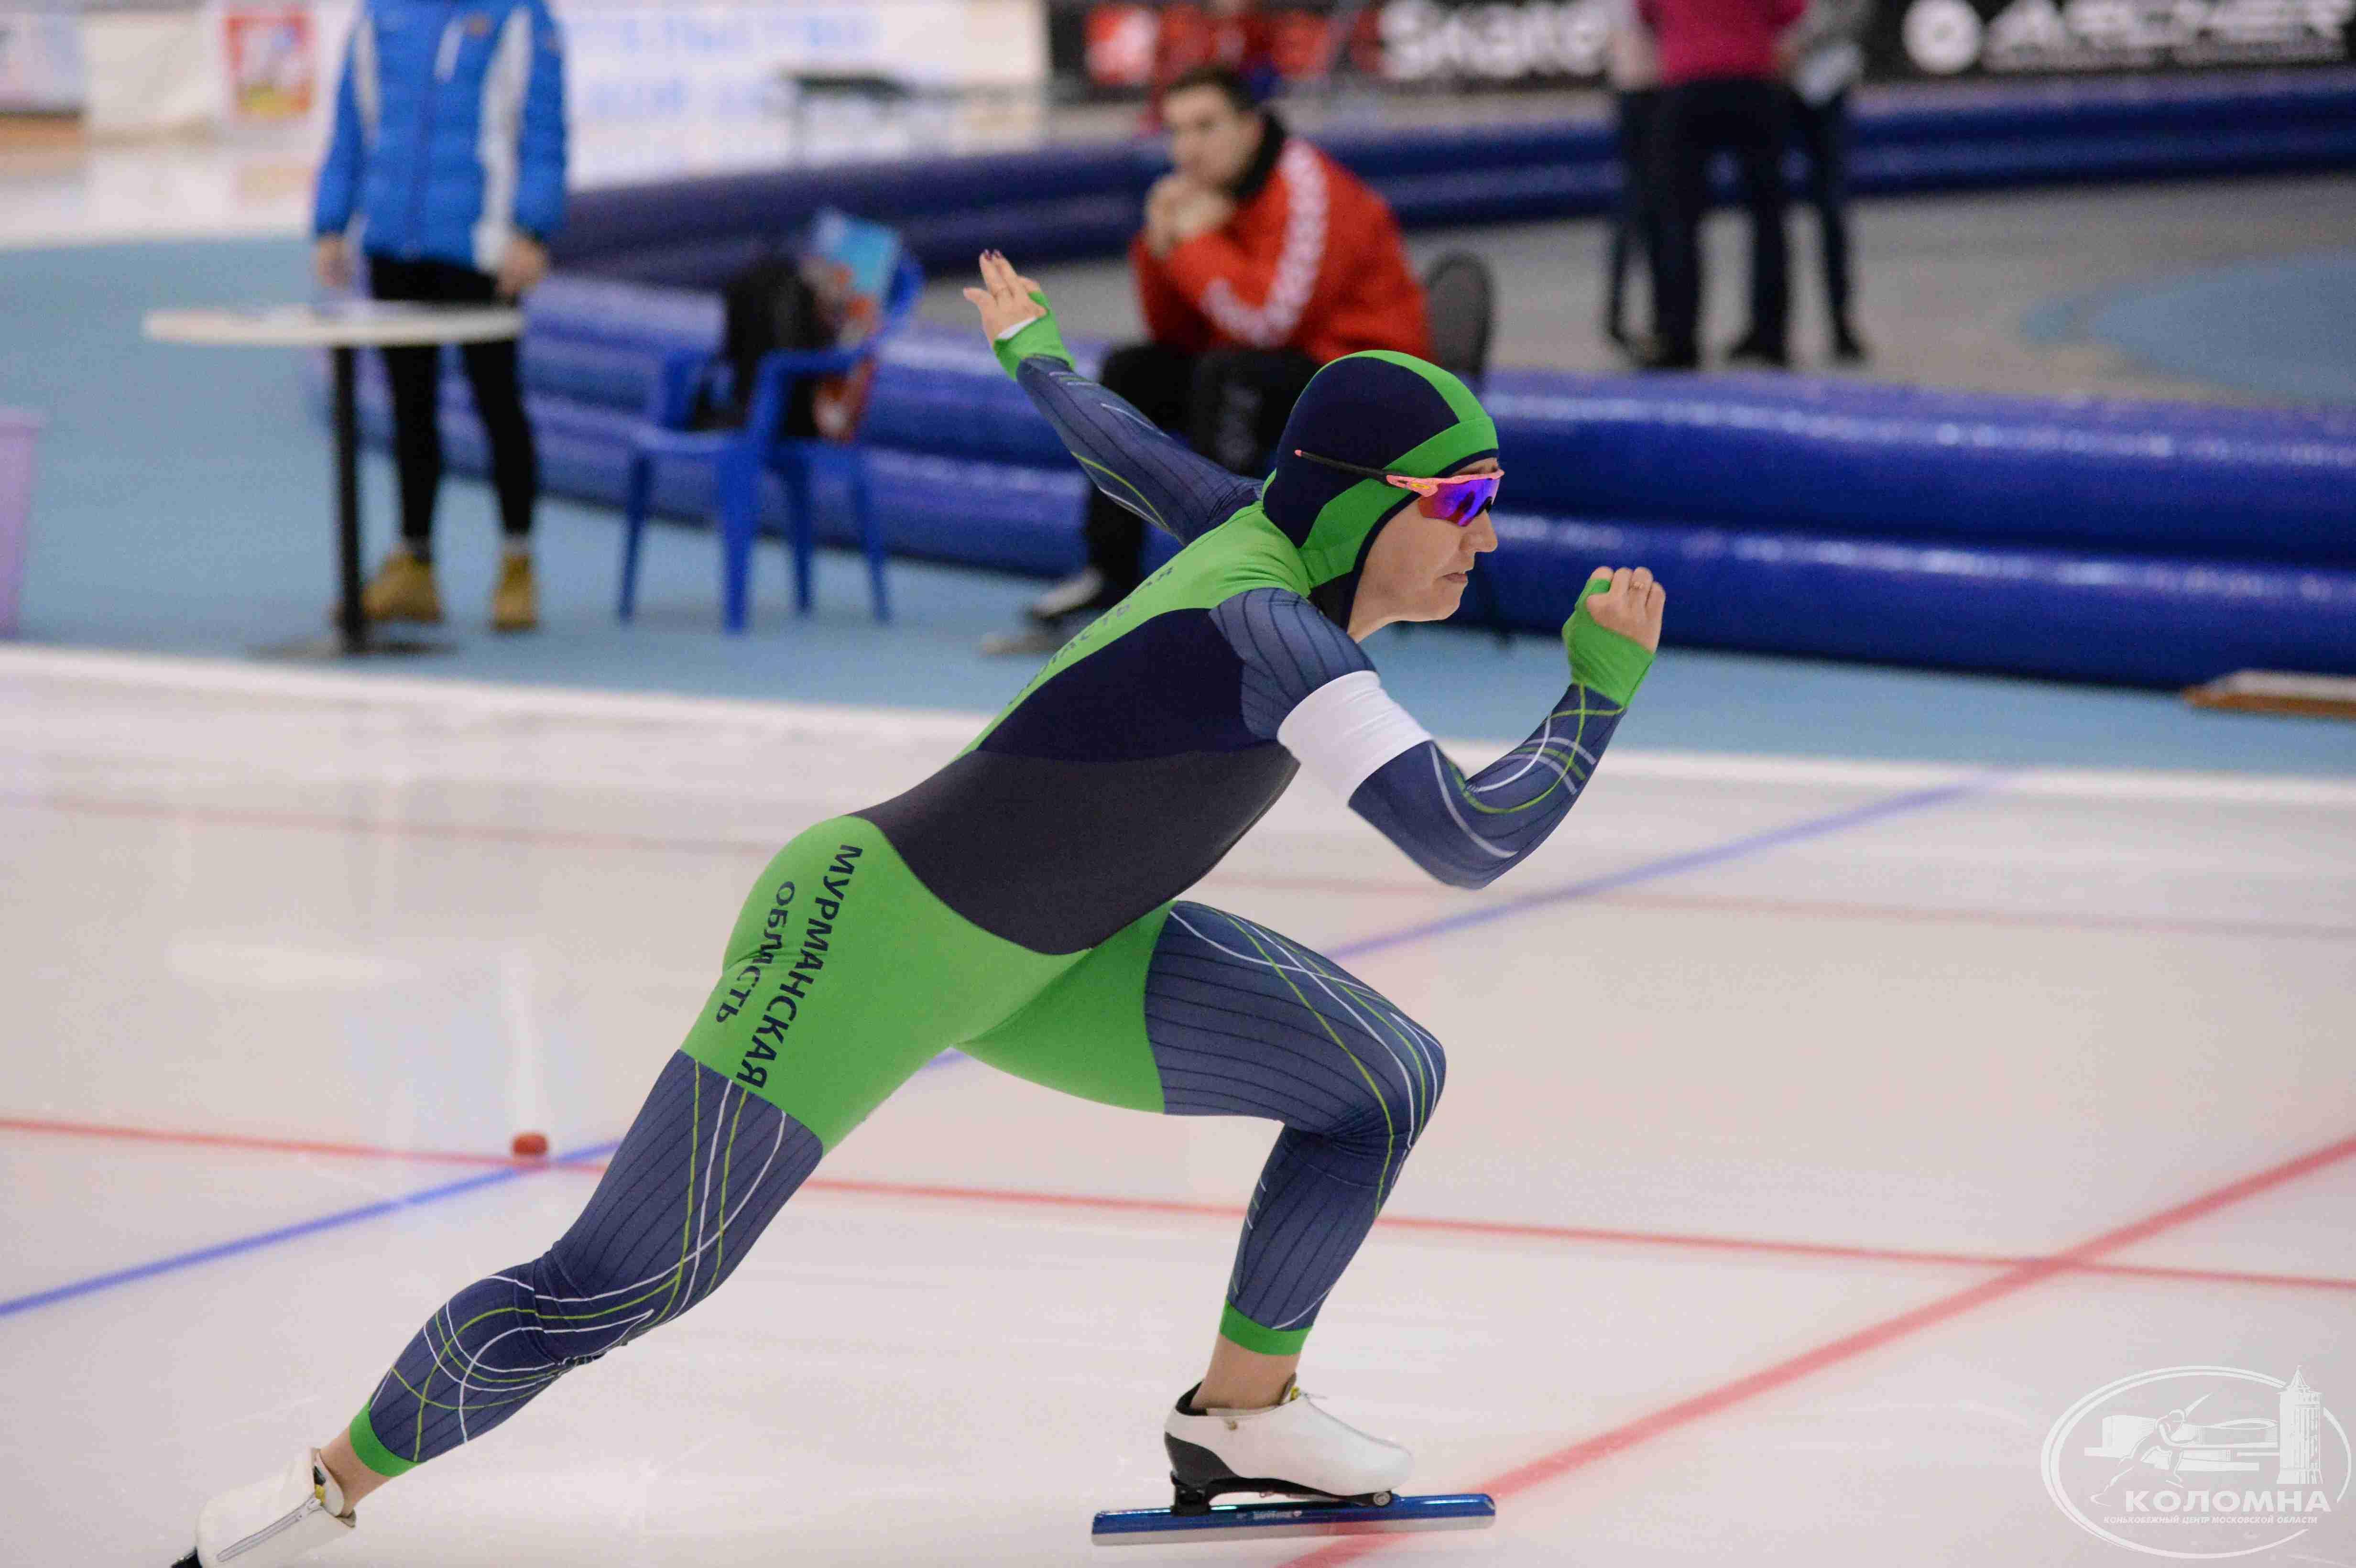 Чемпионат России по конькобежному спорту (отдельные дистанции), 31 октября – 3 ноября 2019 г.